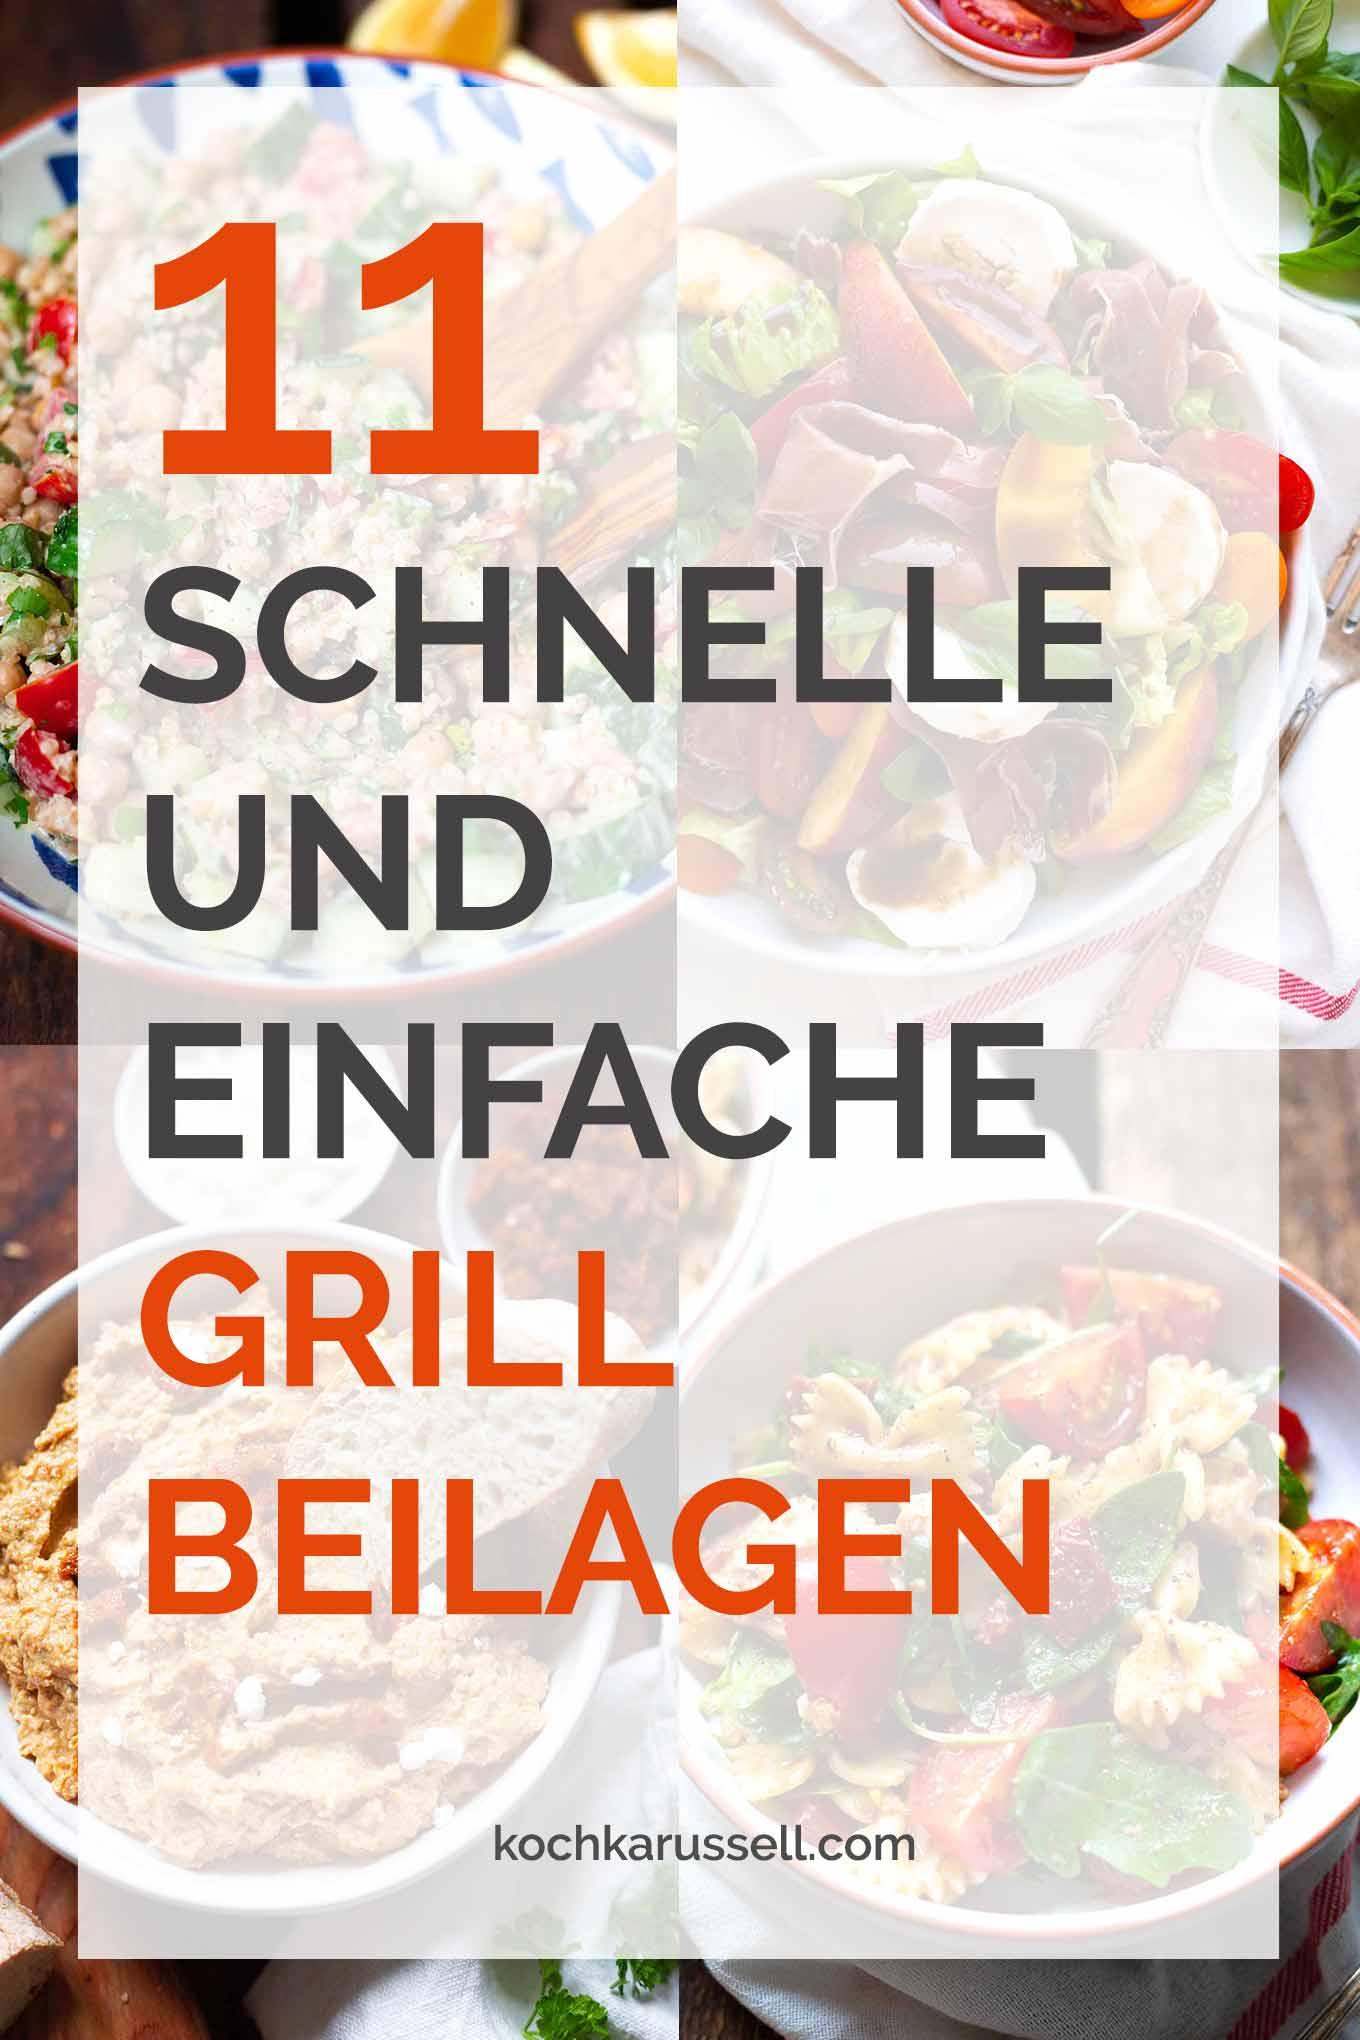 11 schnelle und einfache Grillbeilagen. Perfekt für BBQ, Grillfeier und Picknick, das müsst ihr probieren! - Kochkarussell.com - #grillen #bbq #beilagen #rezept